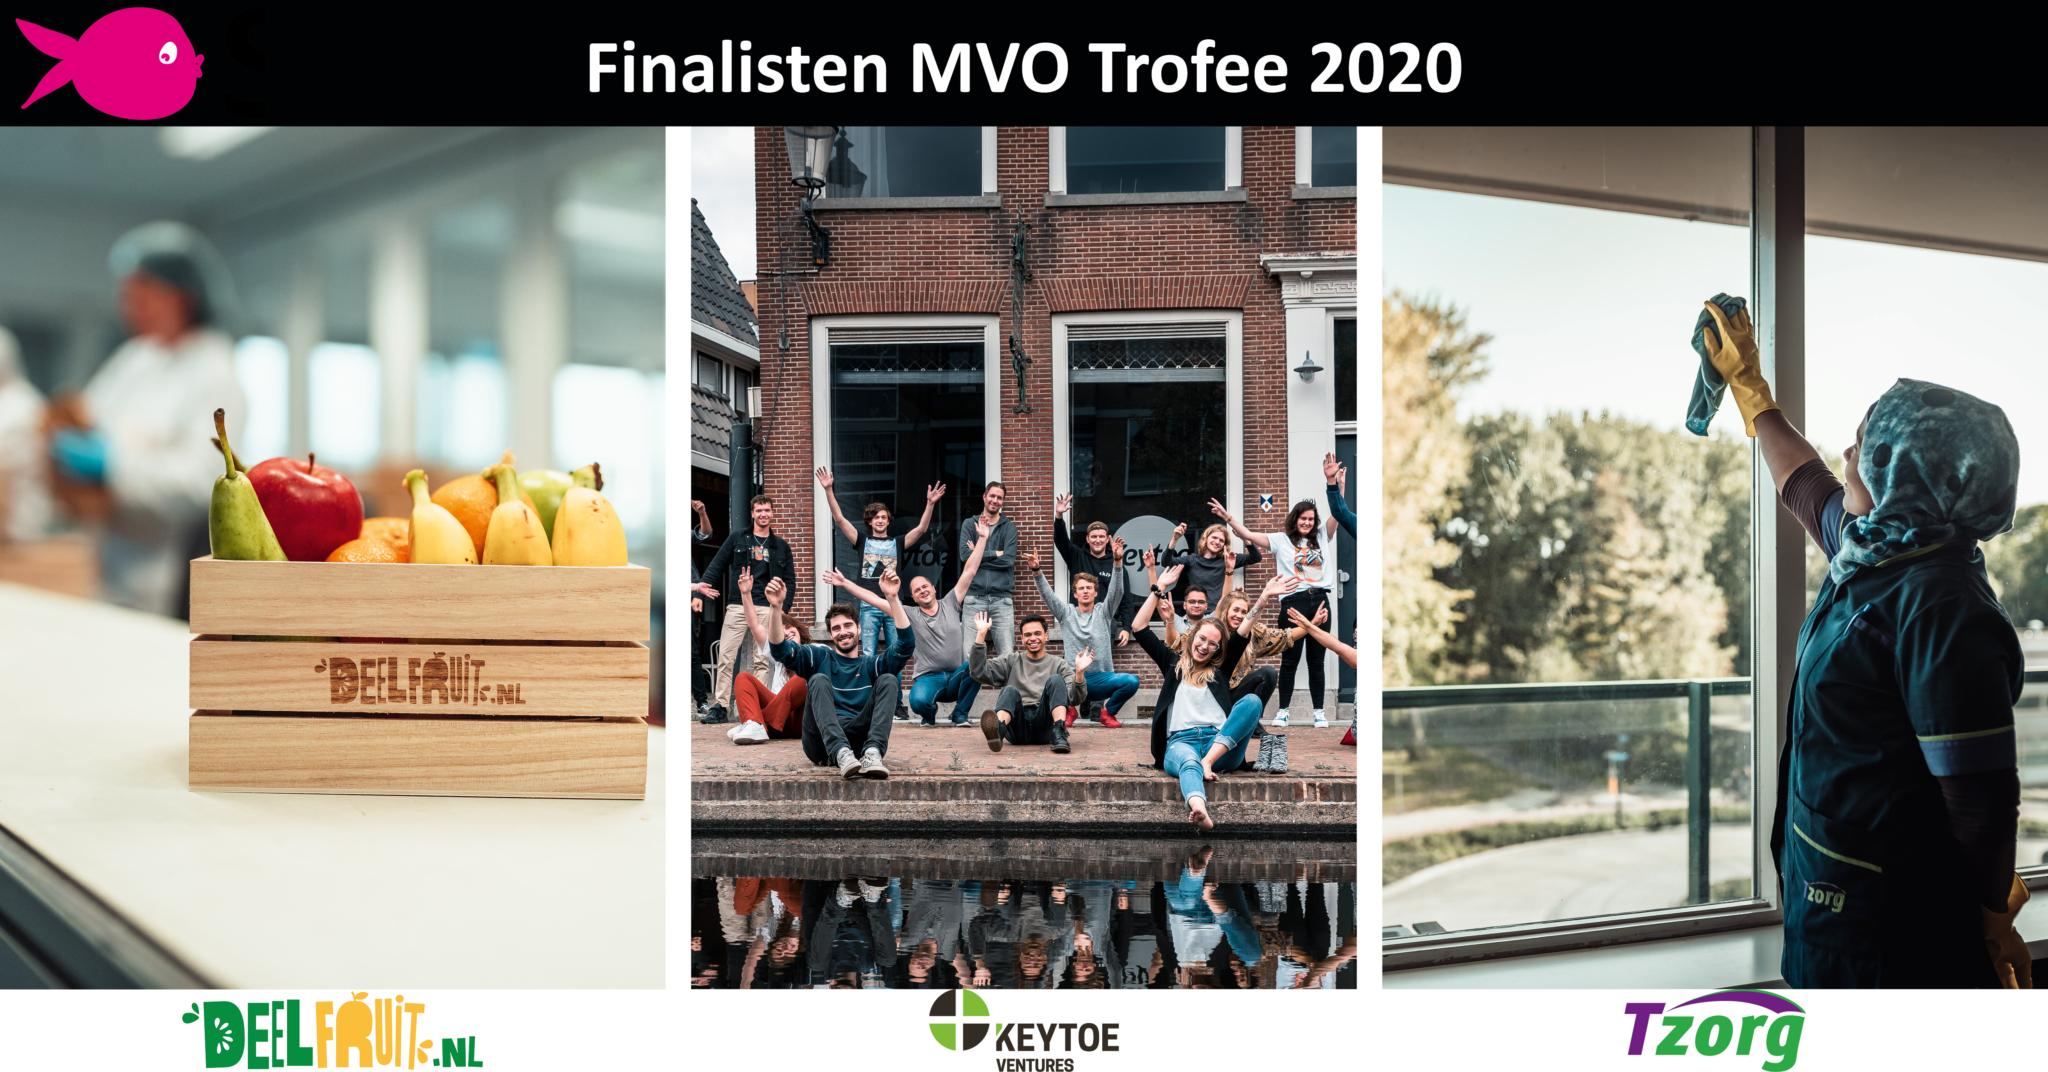 Finalisten MVO Trofee